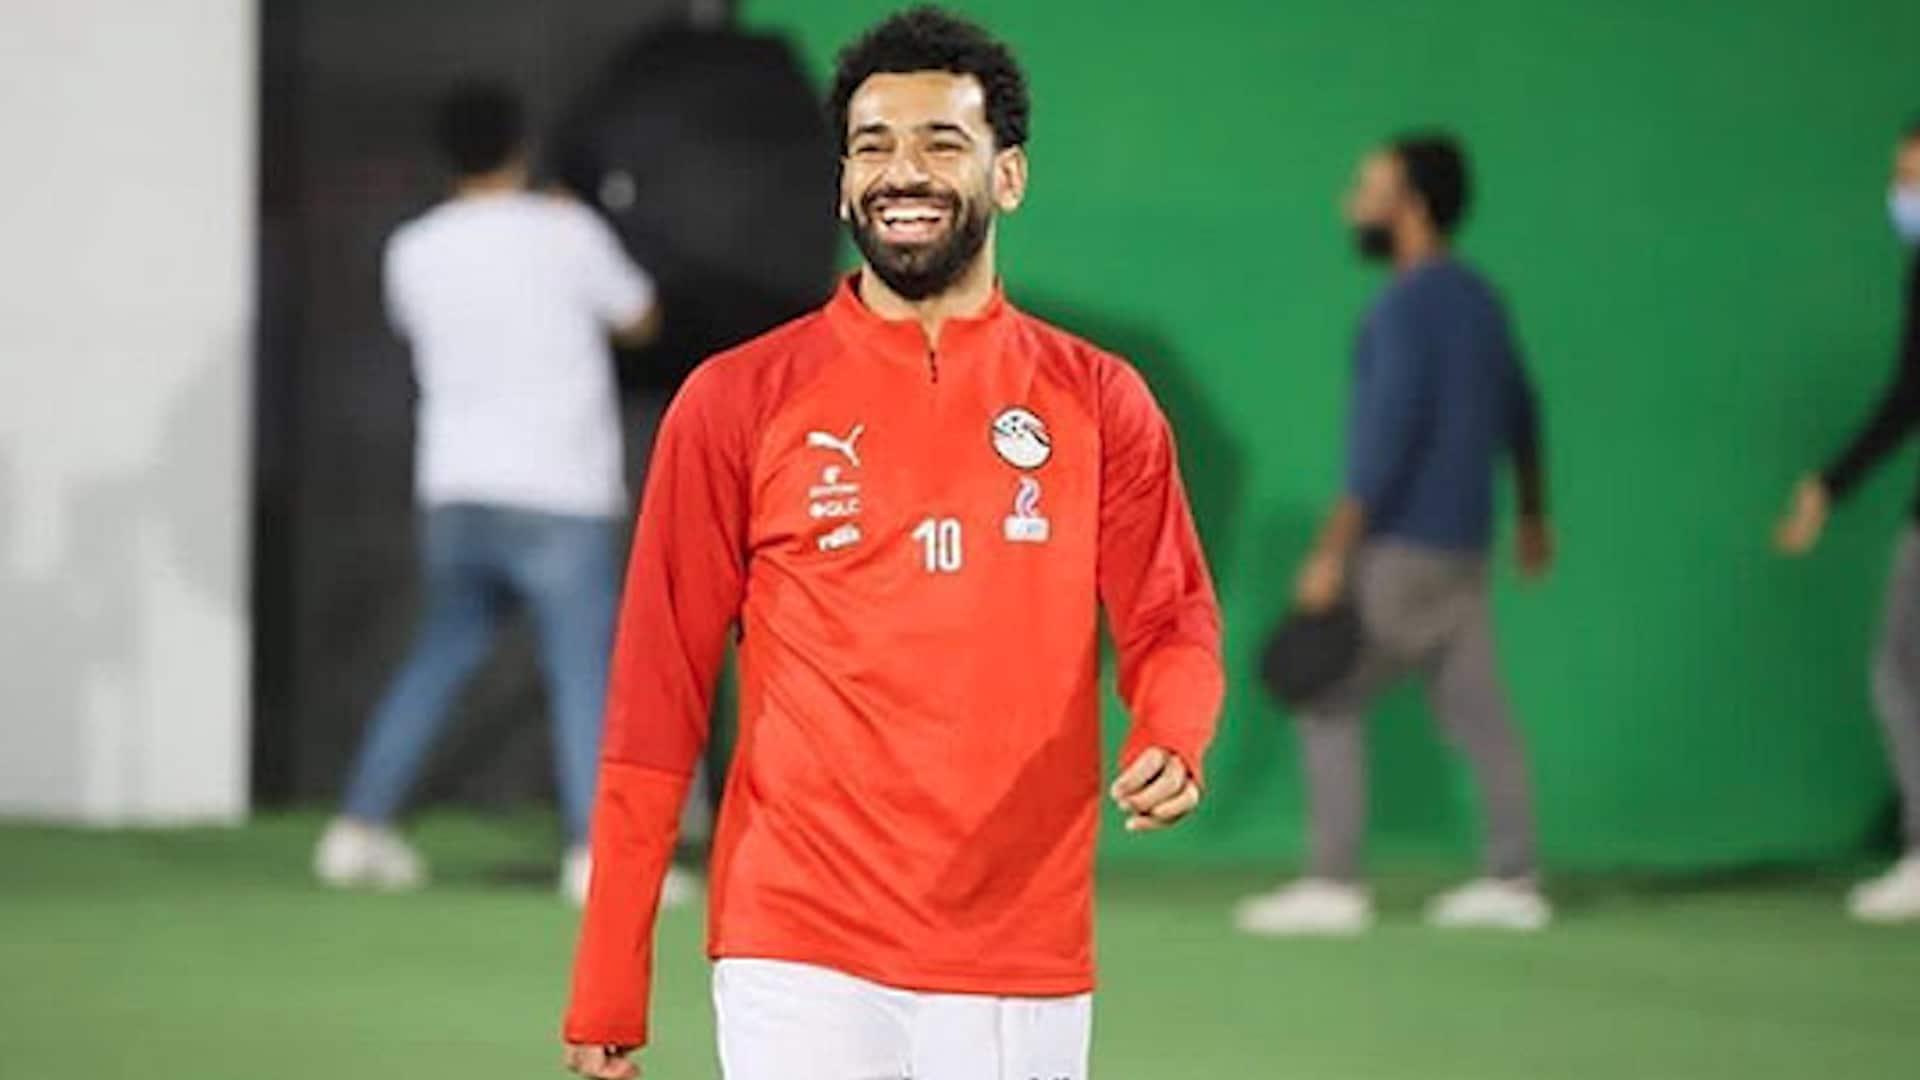 Covid, Salah positivo: il contagio ad una festa?